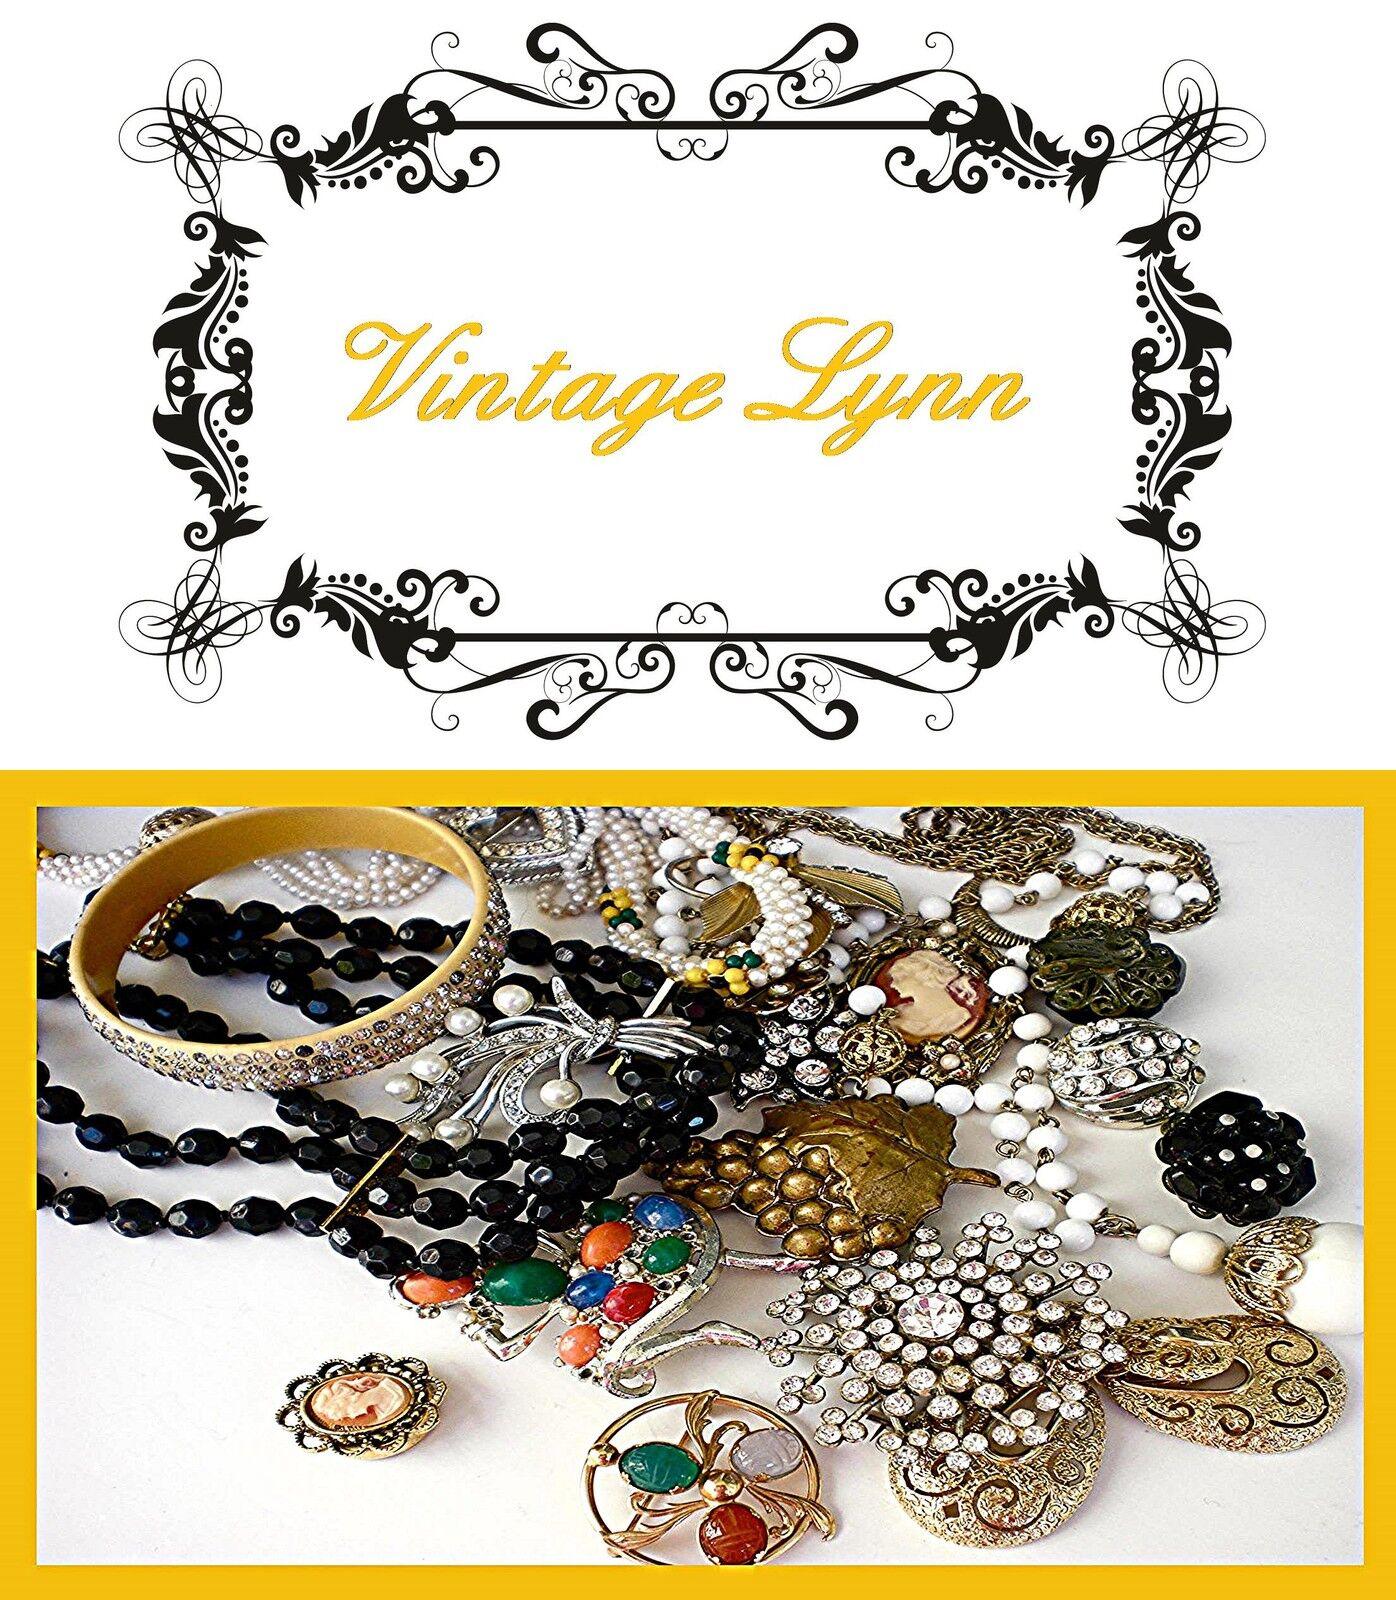 vintagelynn119